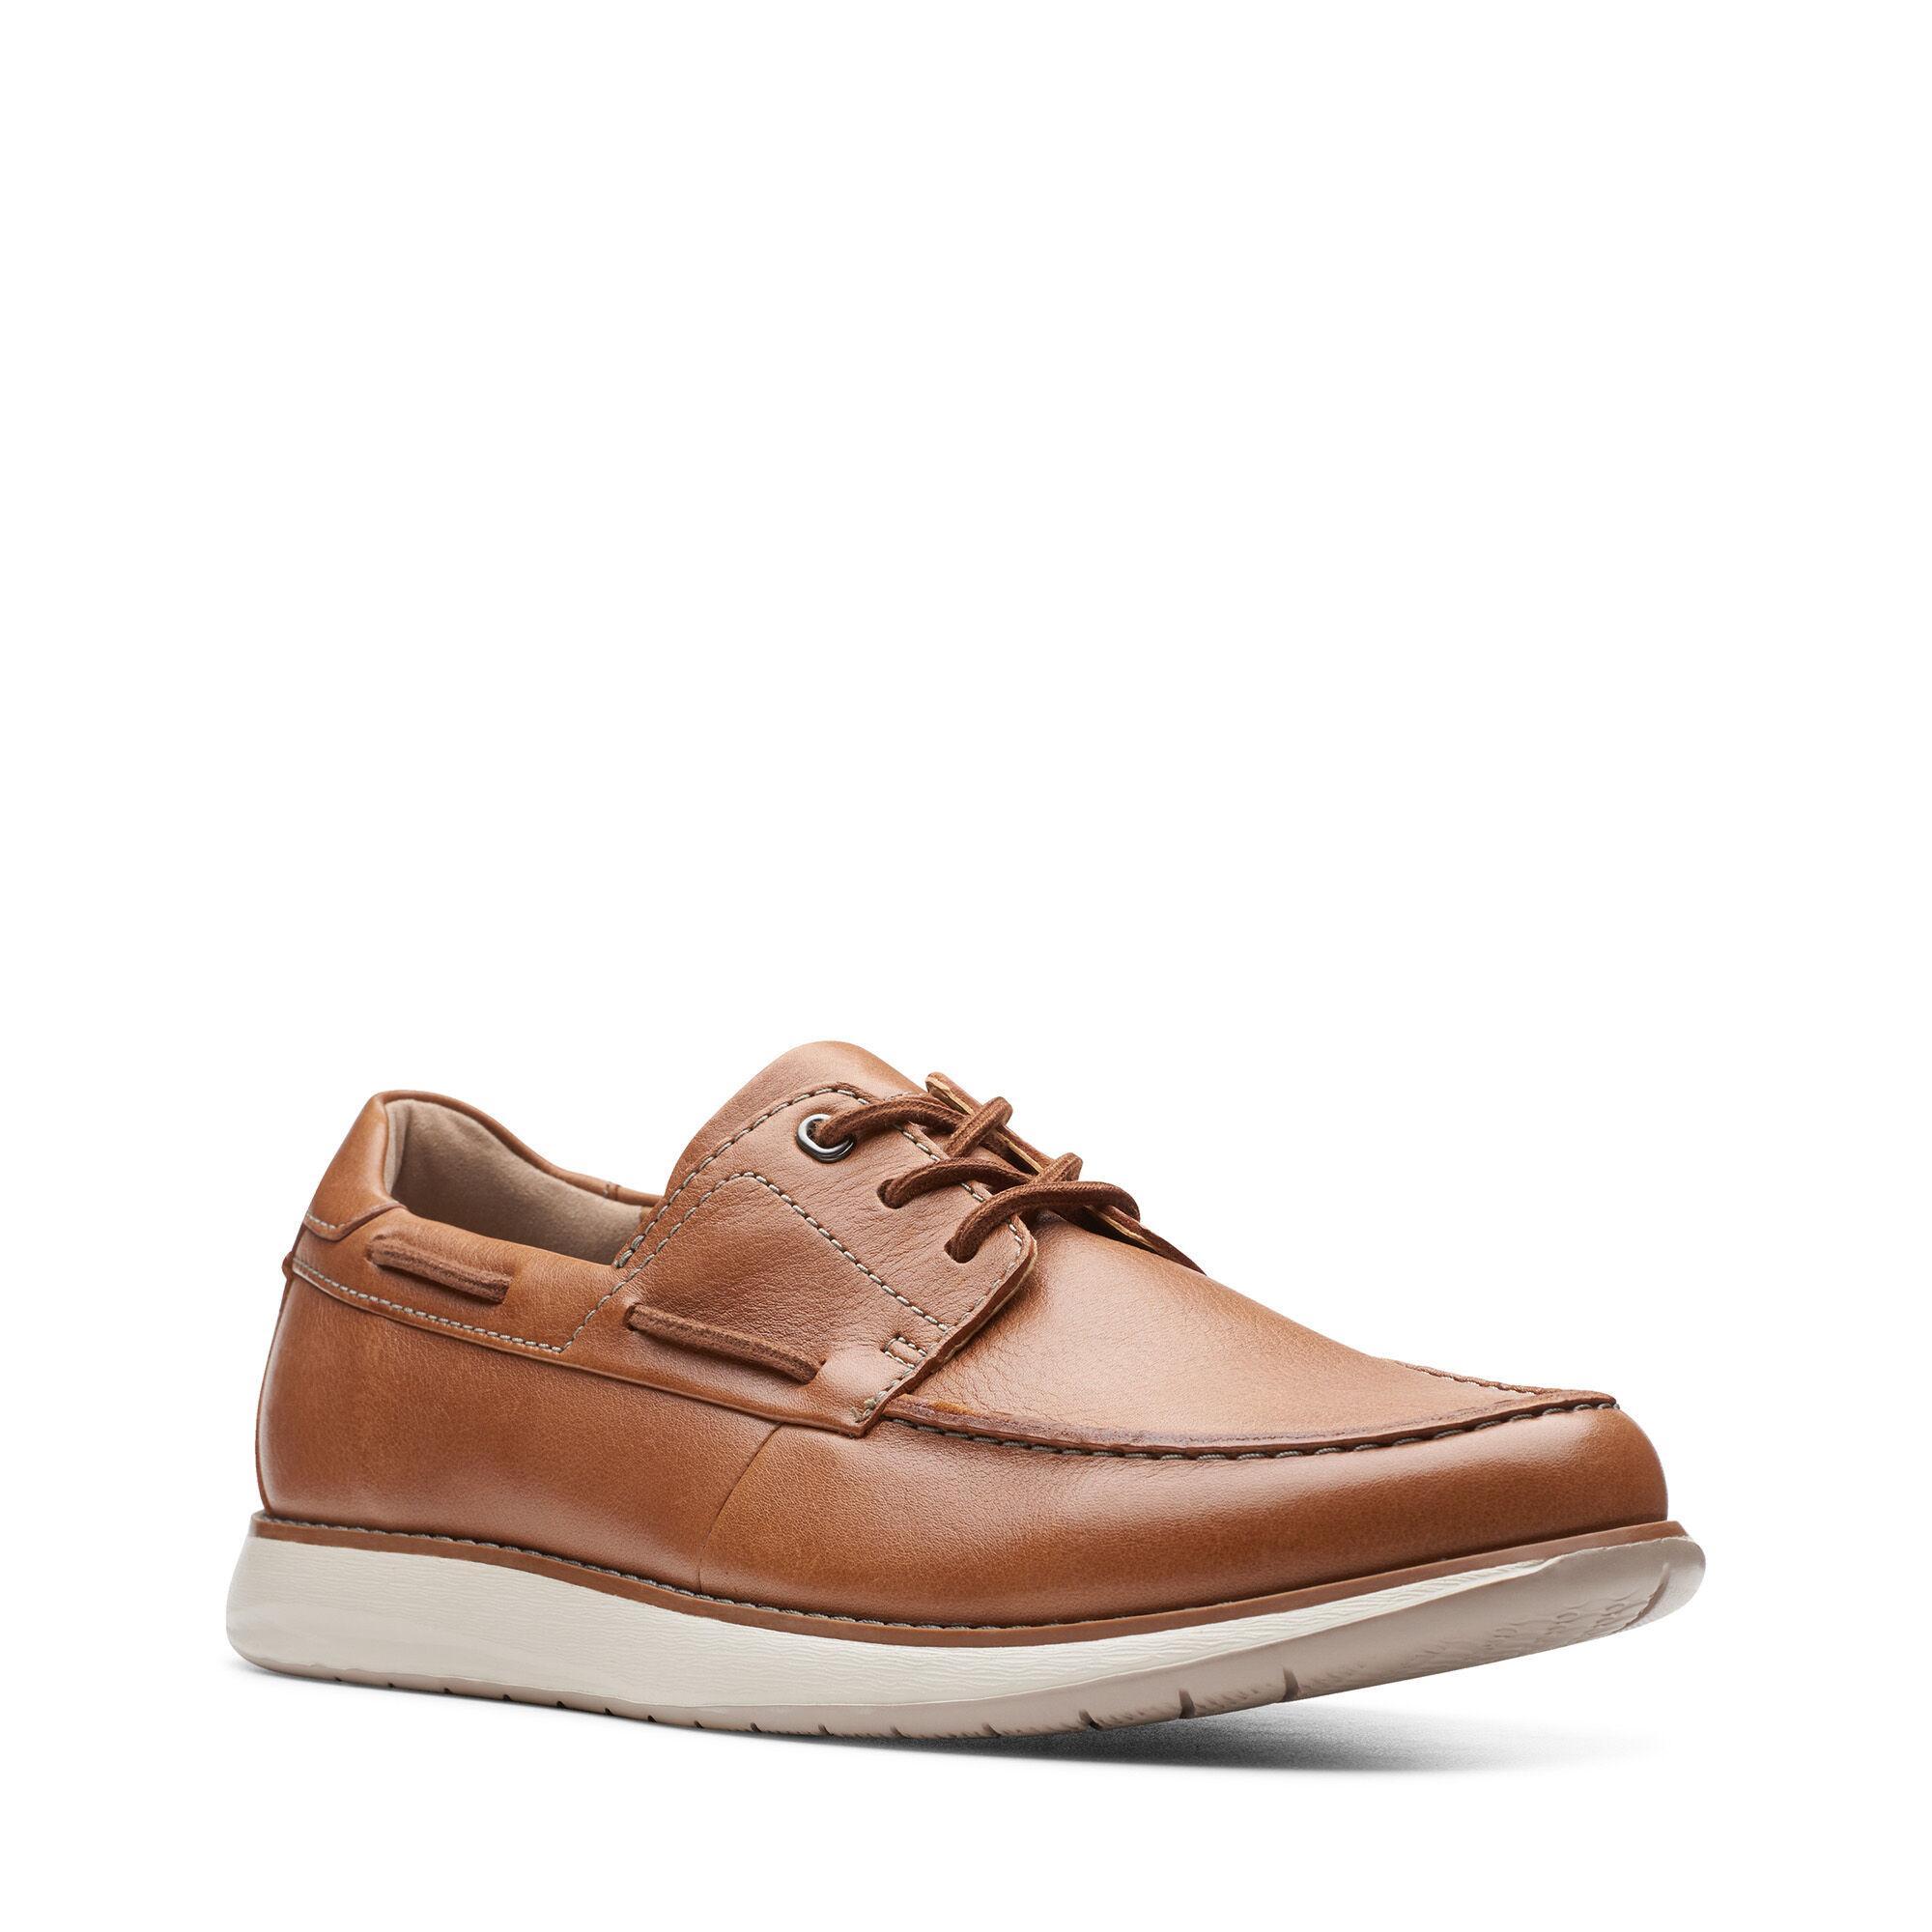 Men's Tan Leather Loafers Un Pilot Lace   Clarks